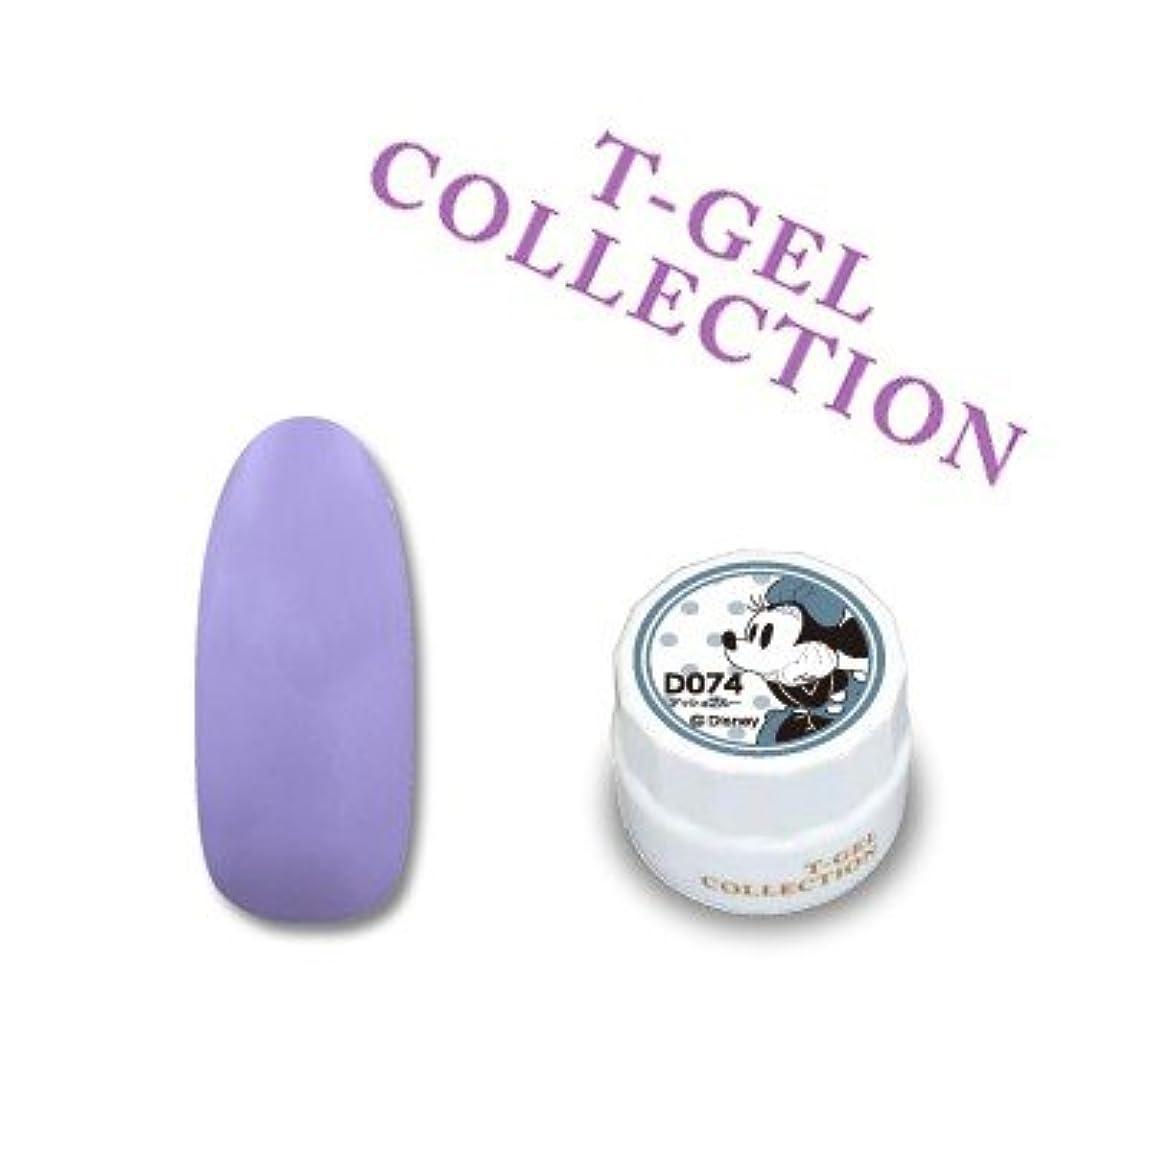 一方、応用ドリルジェルネイル カラージェル T-GEL ティージェル COLLECTION カラージェル D074 アッシュブルー 4ml